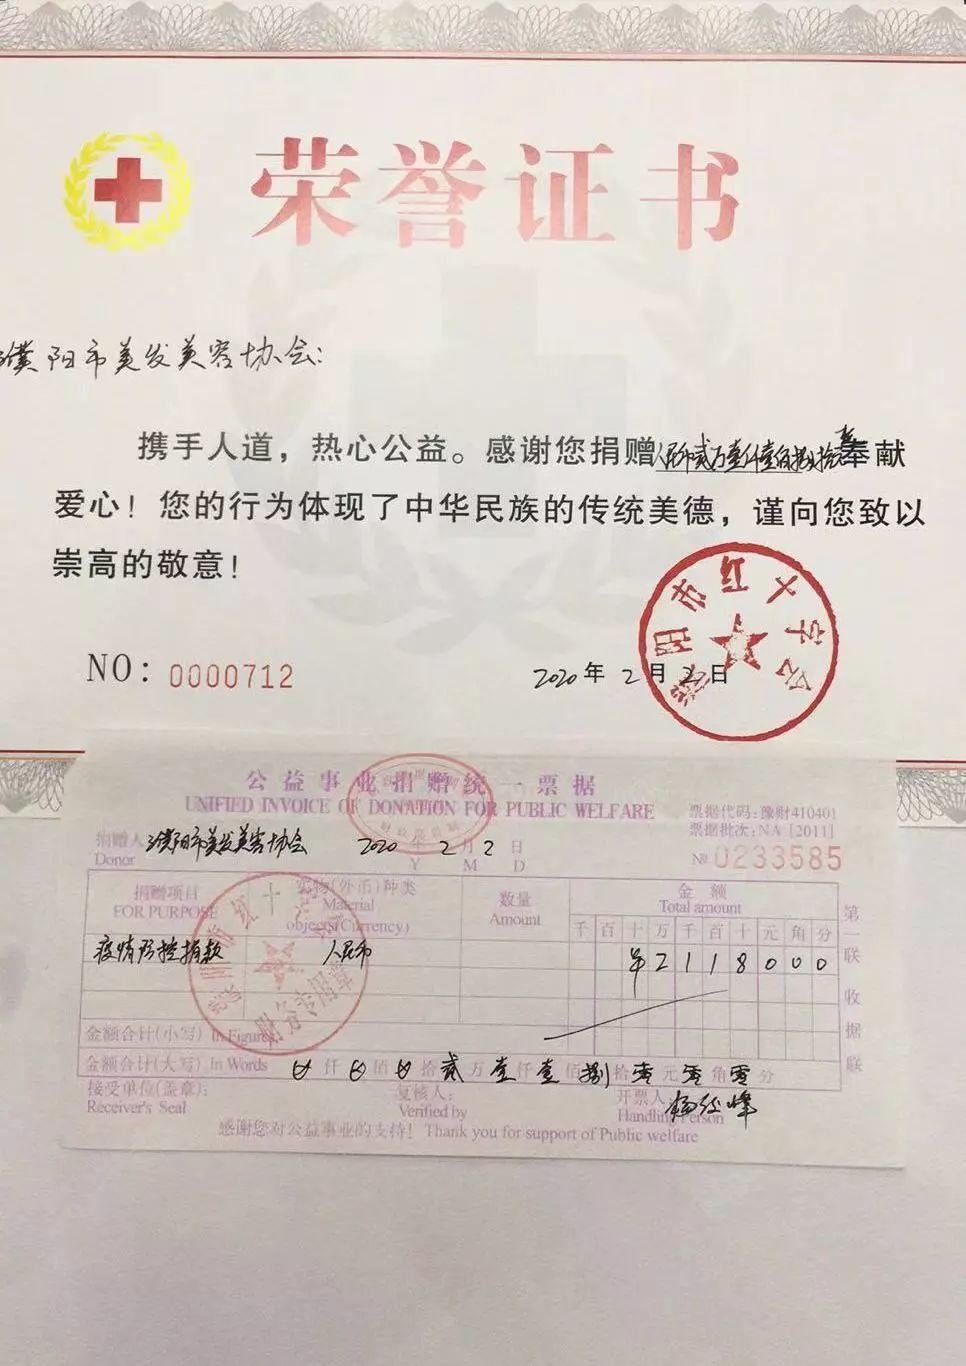 濮阳市美发美容协会向市红十字协会捐款21200元